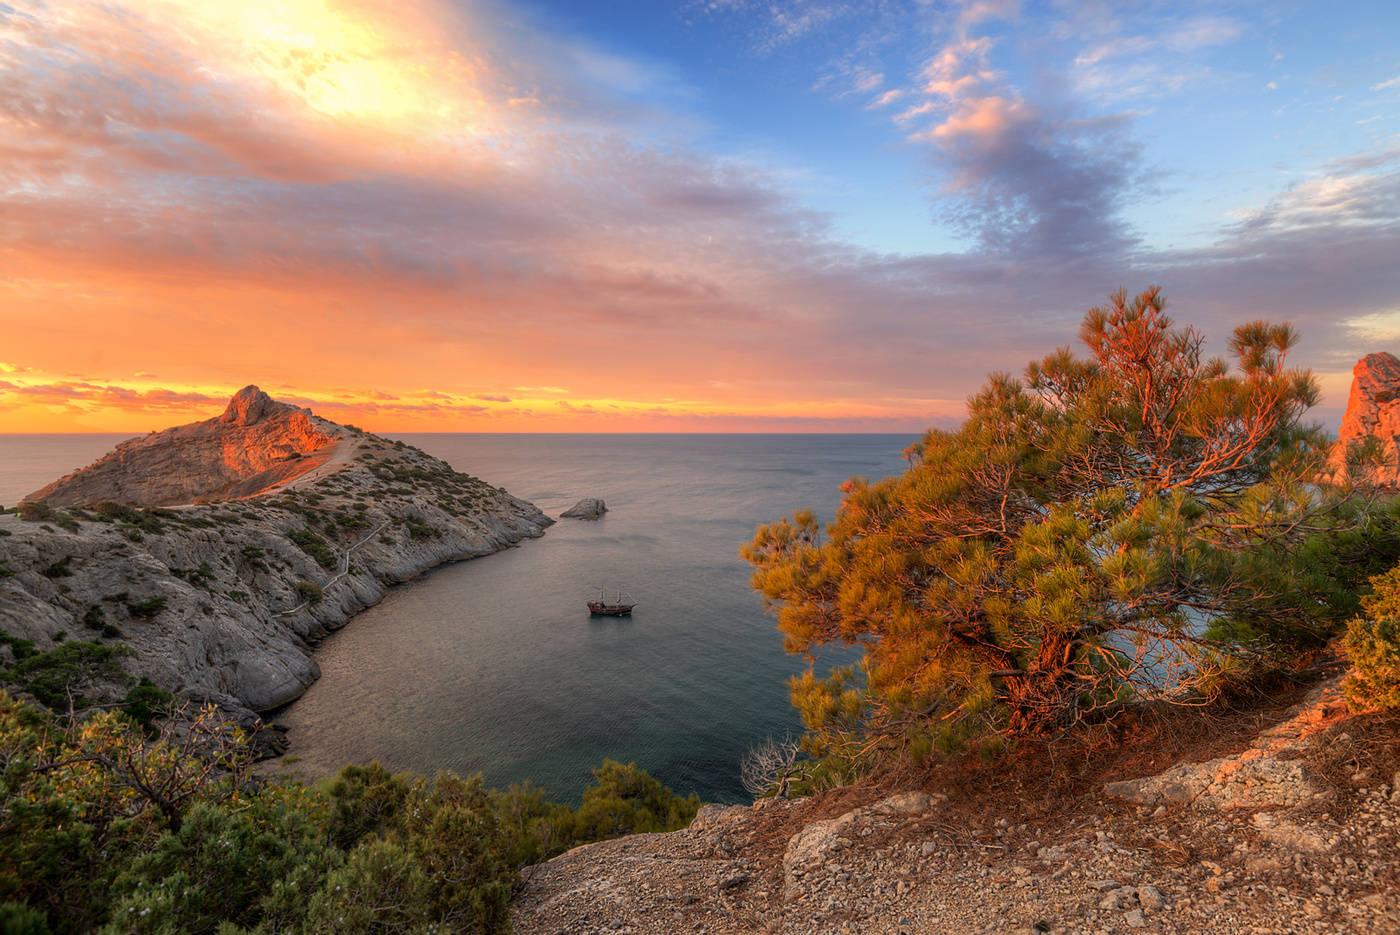 В октябре температура воздуха в Крыму превышает среднесуточную норму